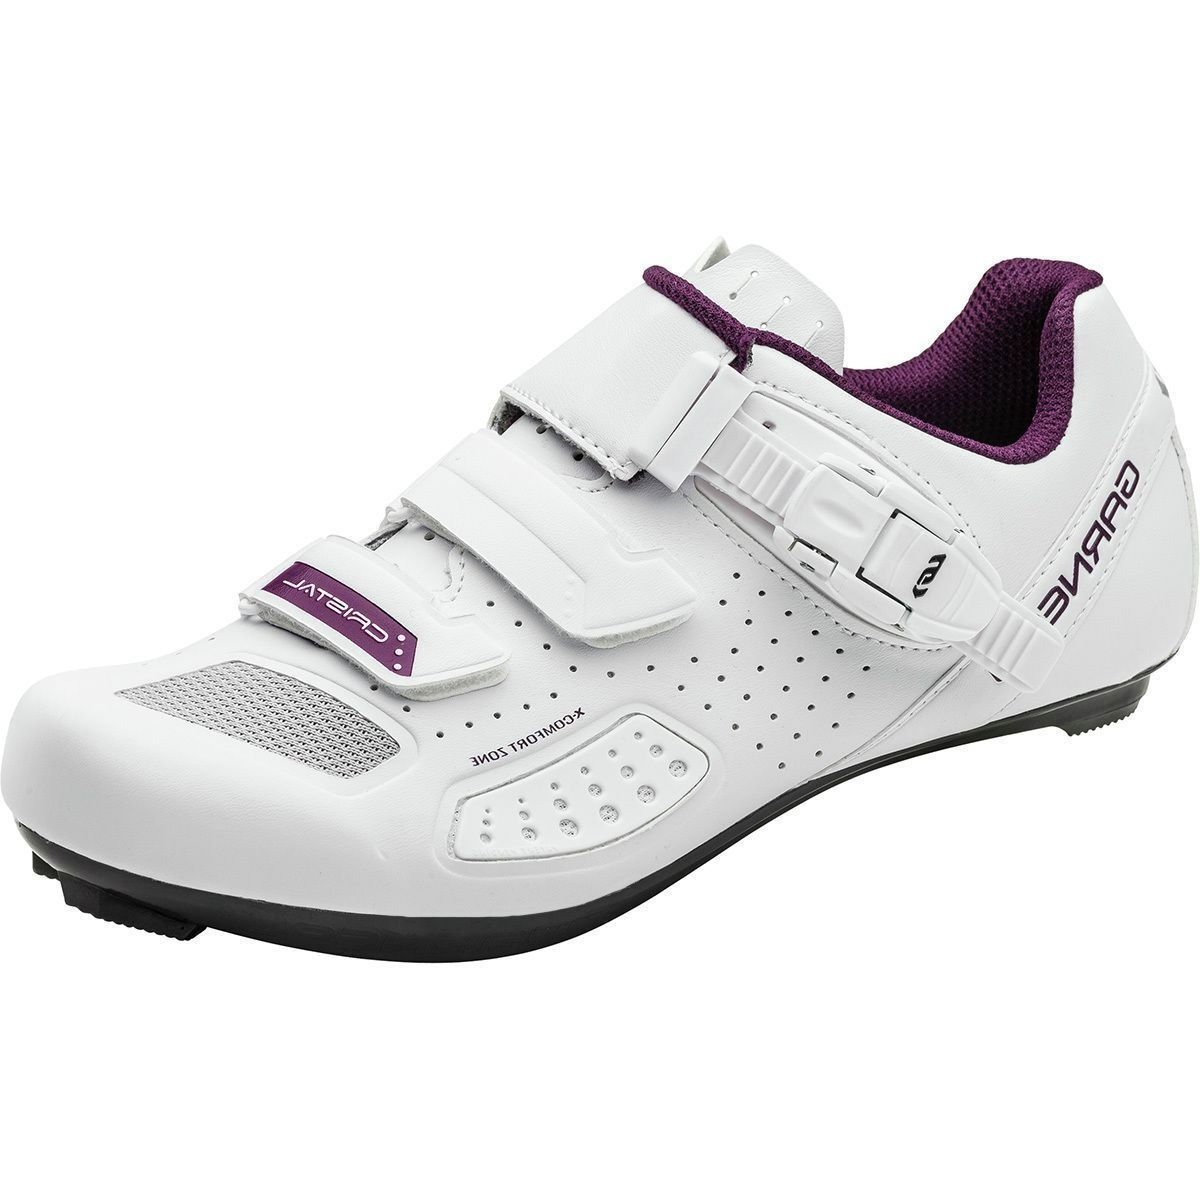 Louis Garneau Cristal II Cycling Shoe - Women's